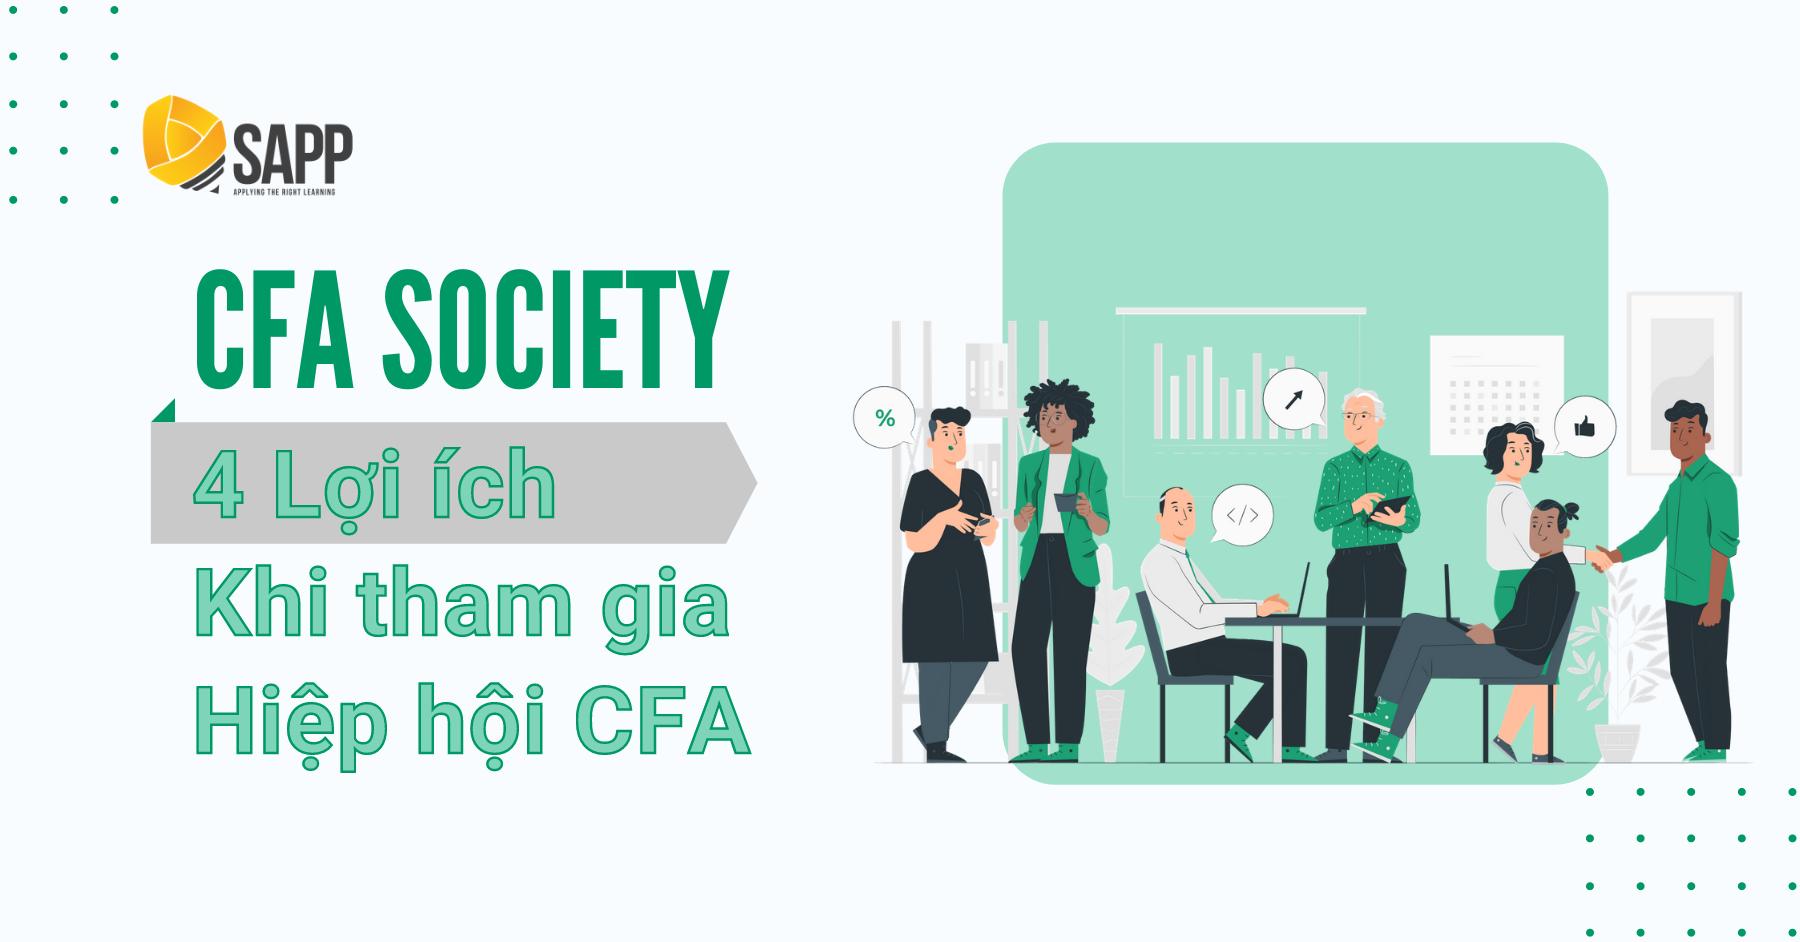 Hiệp hội CFA là gì? 4 lợi ích khi tham gia hiệp hội CFA